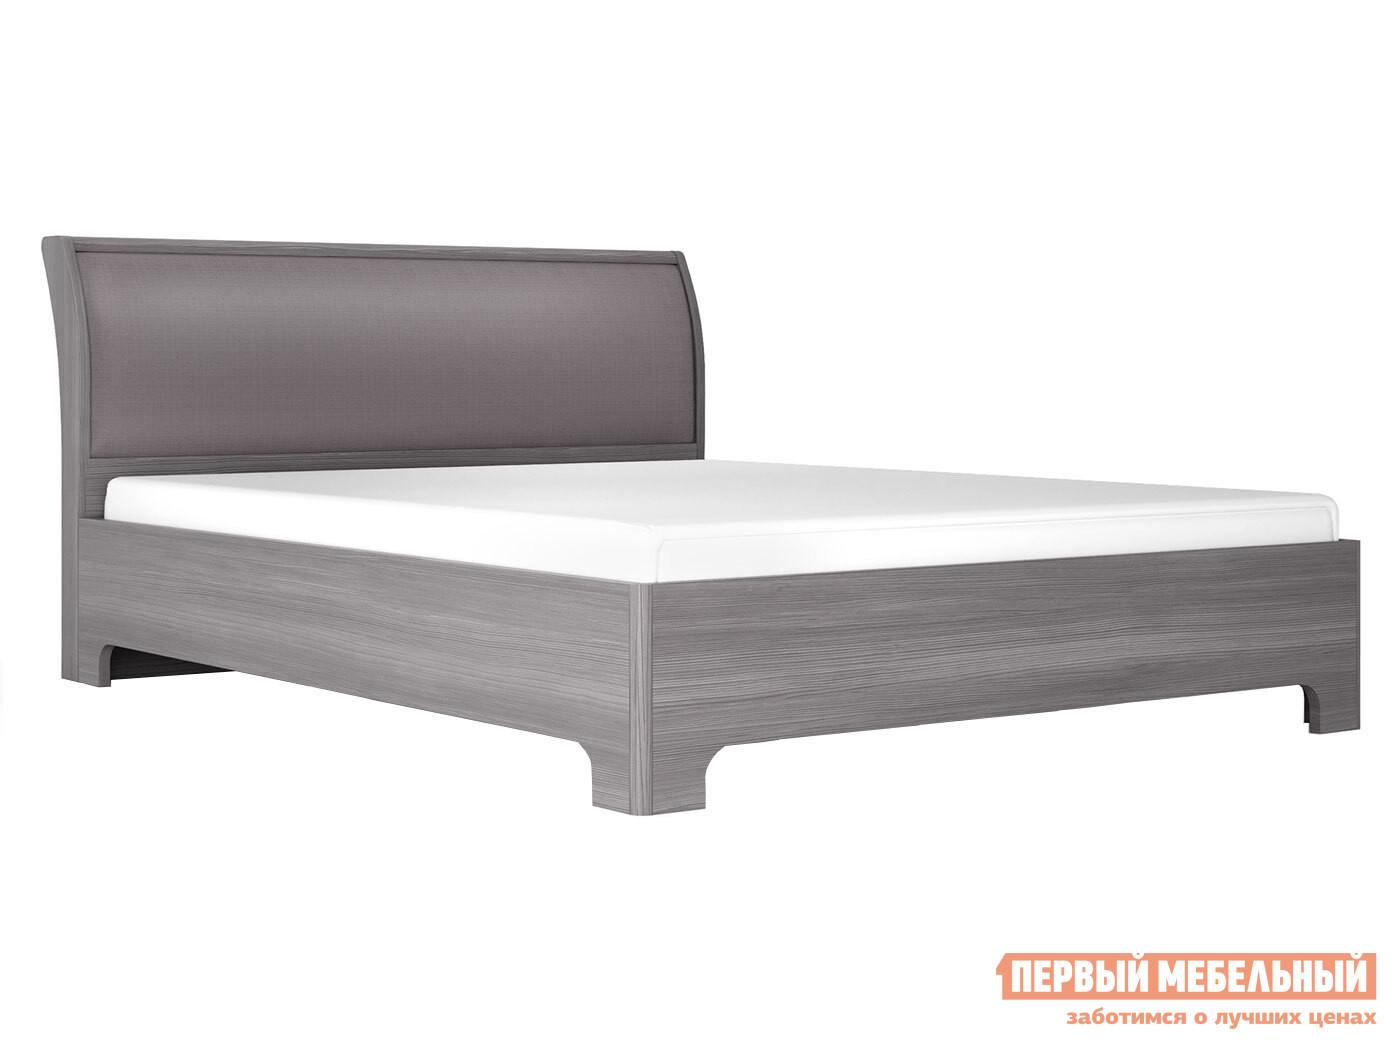 Кровать Первый Мебельный Кровать Парма Нео 3